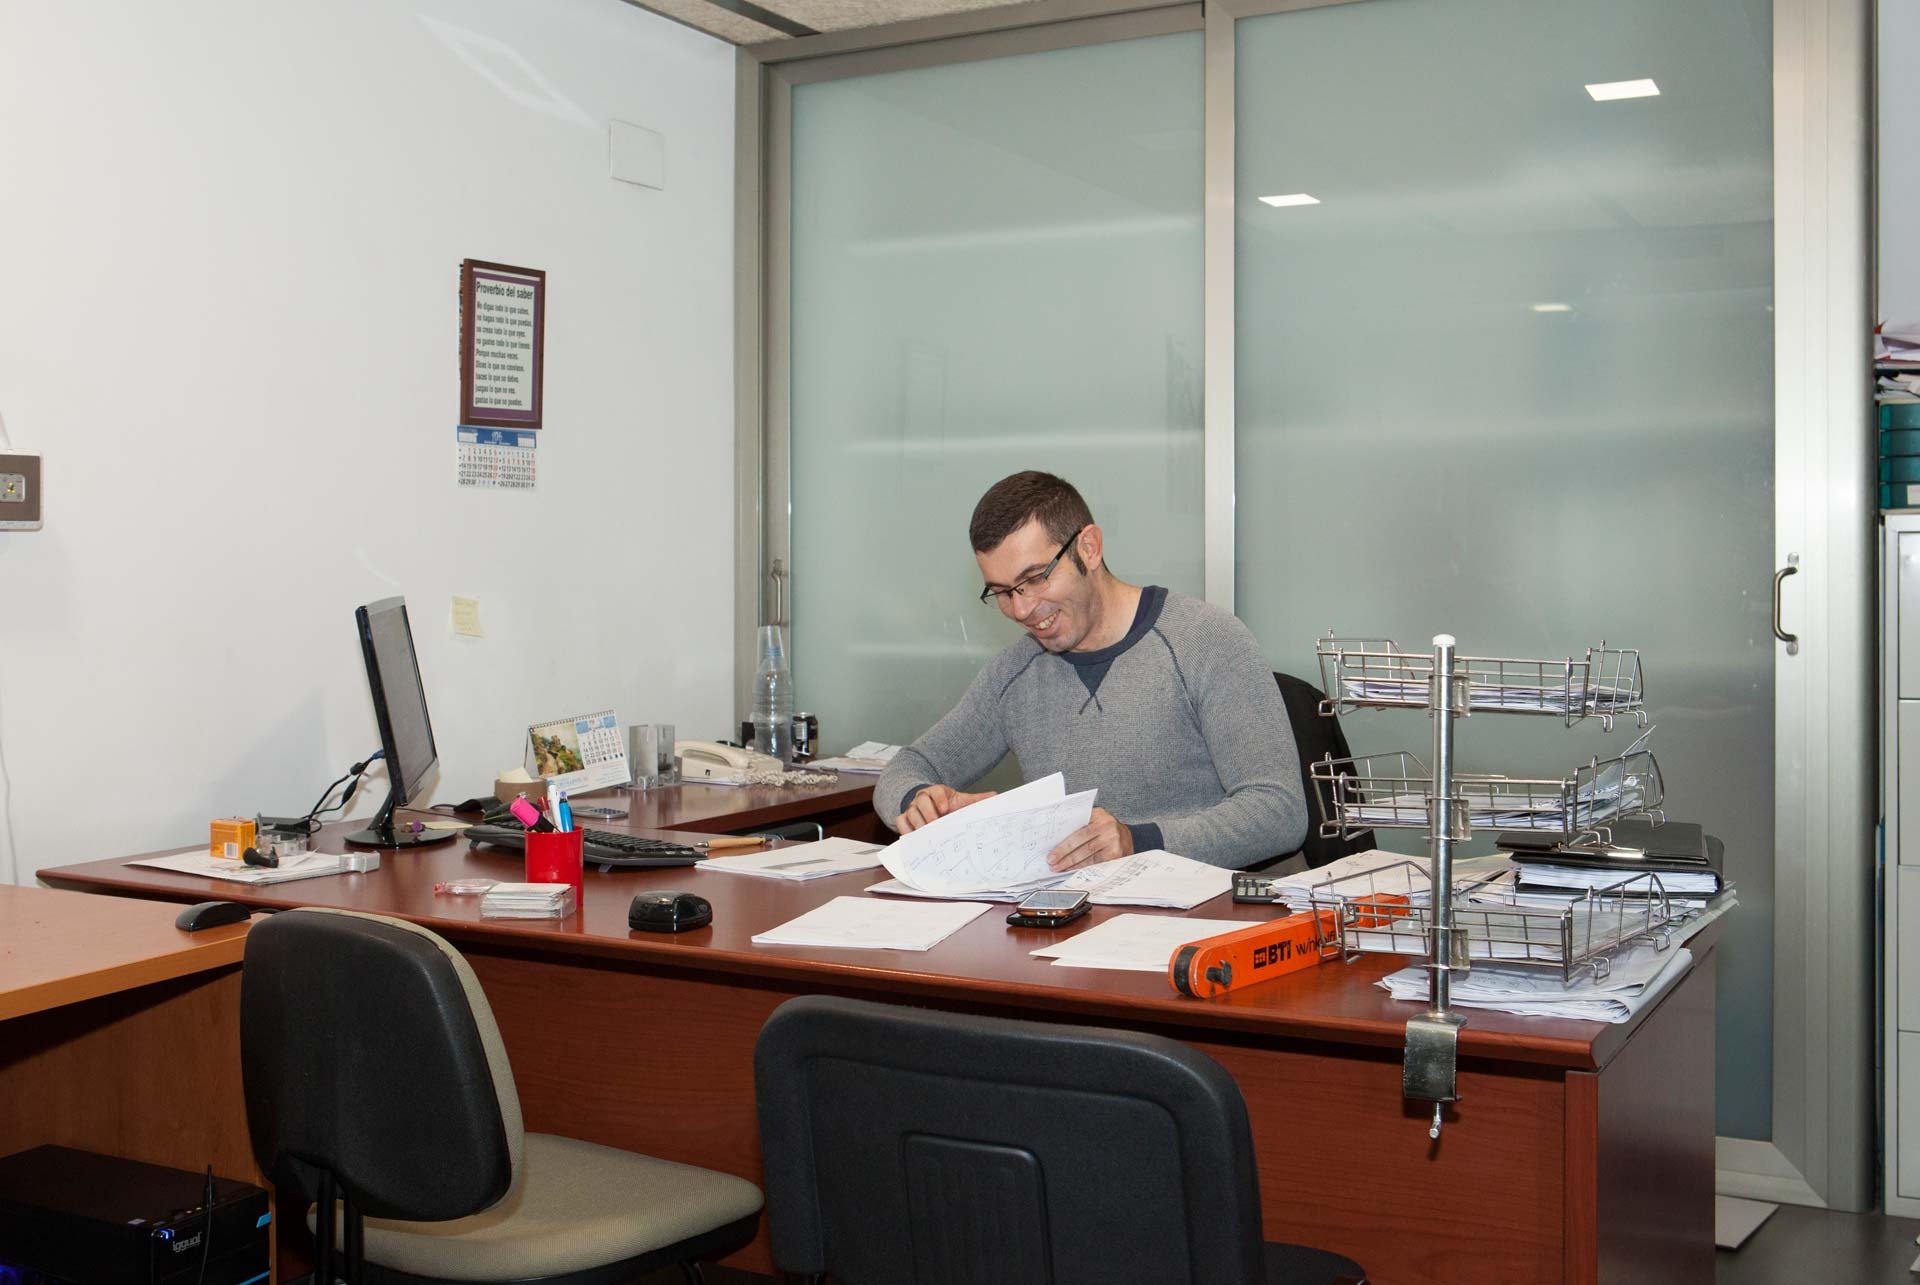 oficina-02